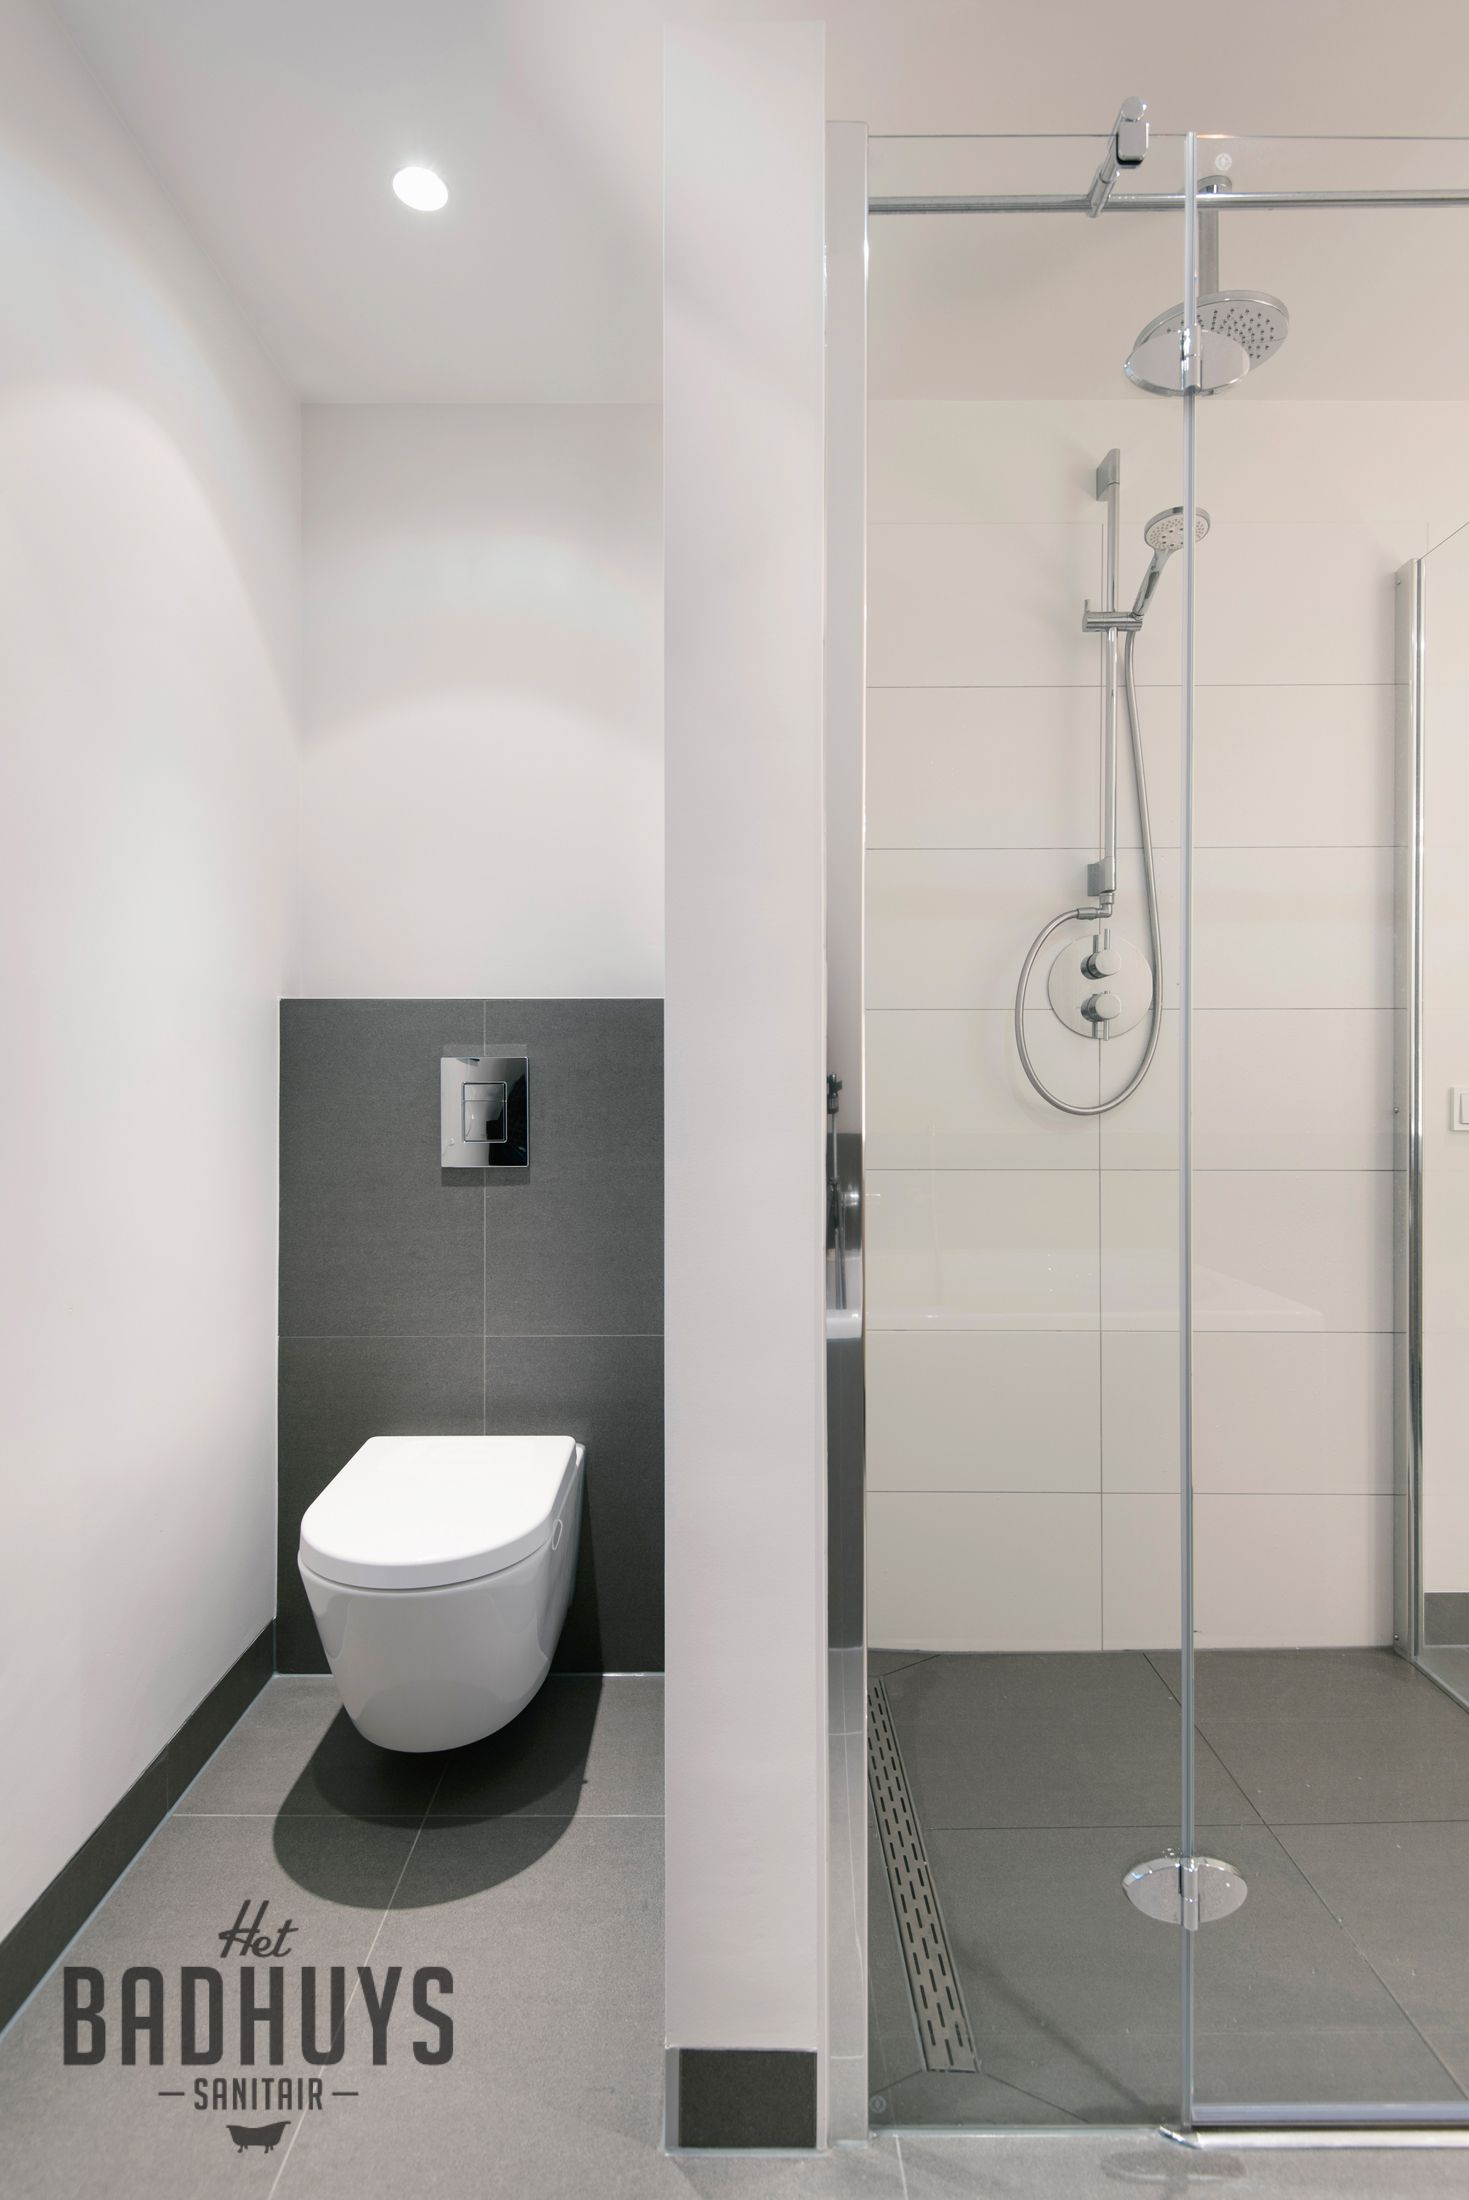 moderne badkamer met grote tegels en toilet uit het zicht | het, Badkamer